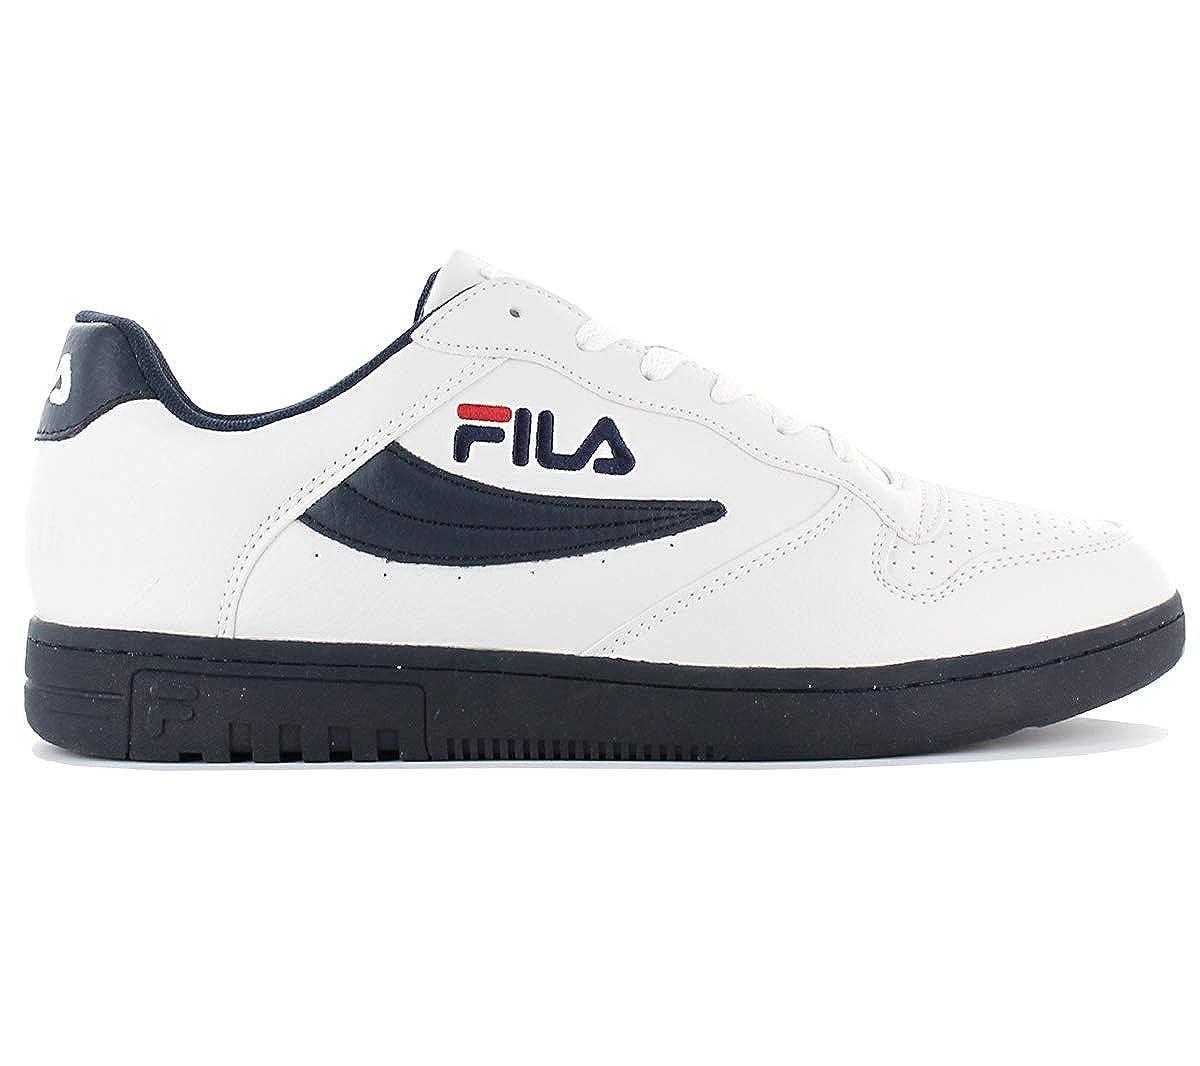 Fila FX-100 Low Herren Schuhe Weiß Männer Sneaker Turnschuhe ...